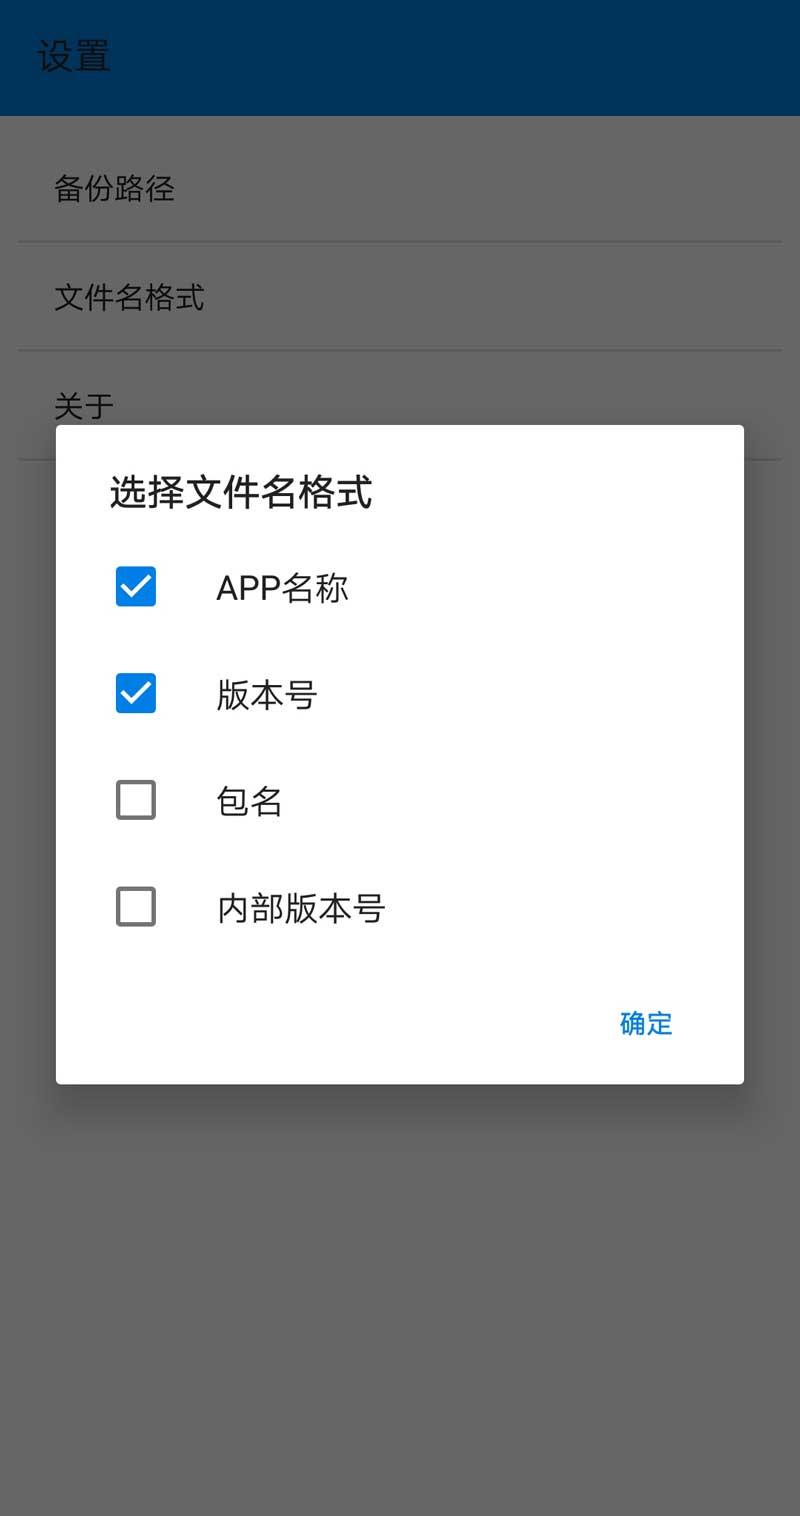 【资源分享】APK提取器-爱小助